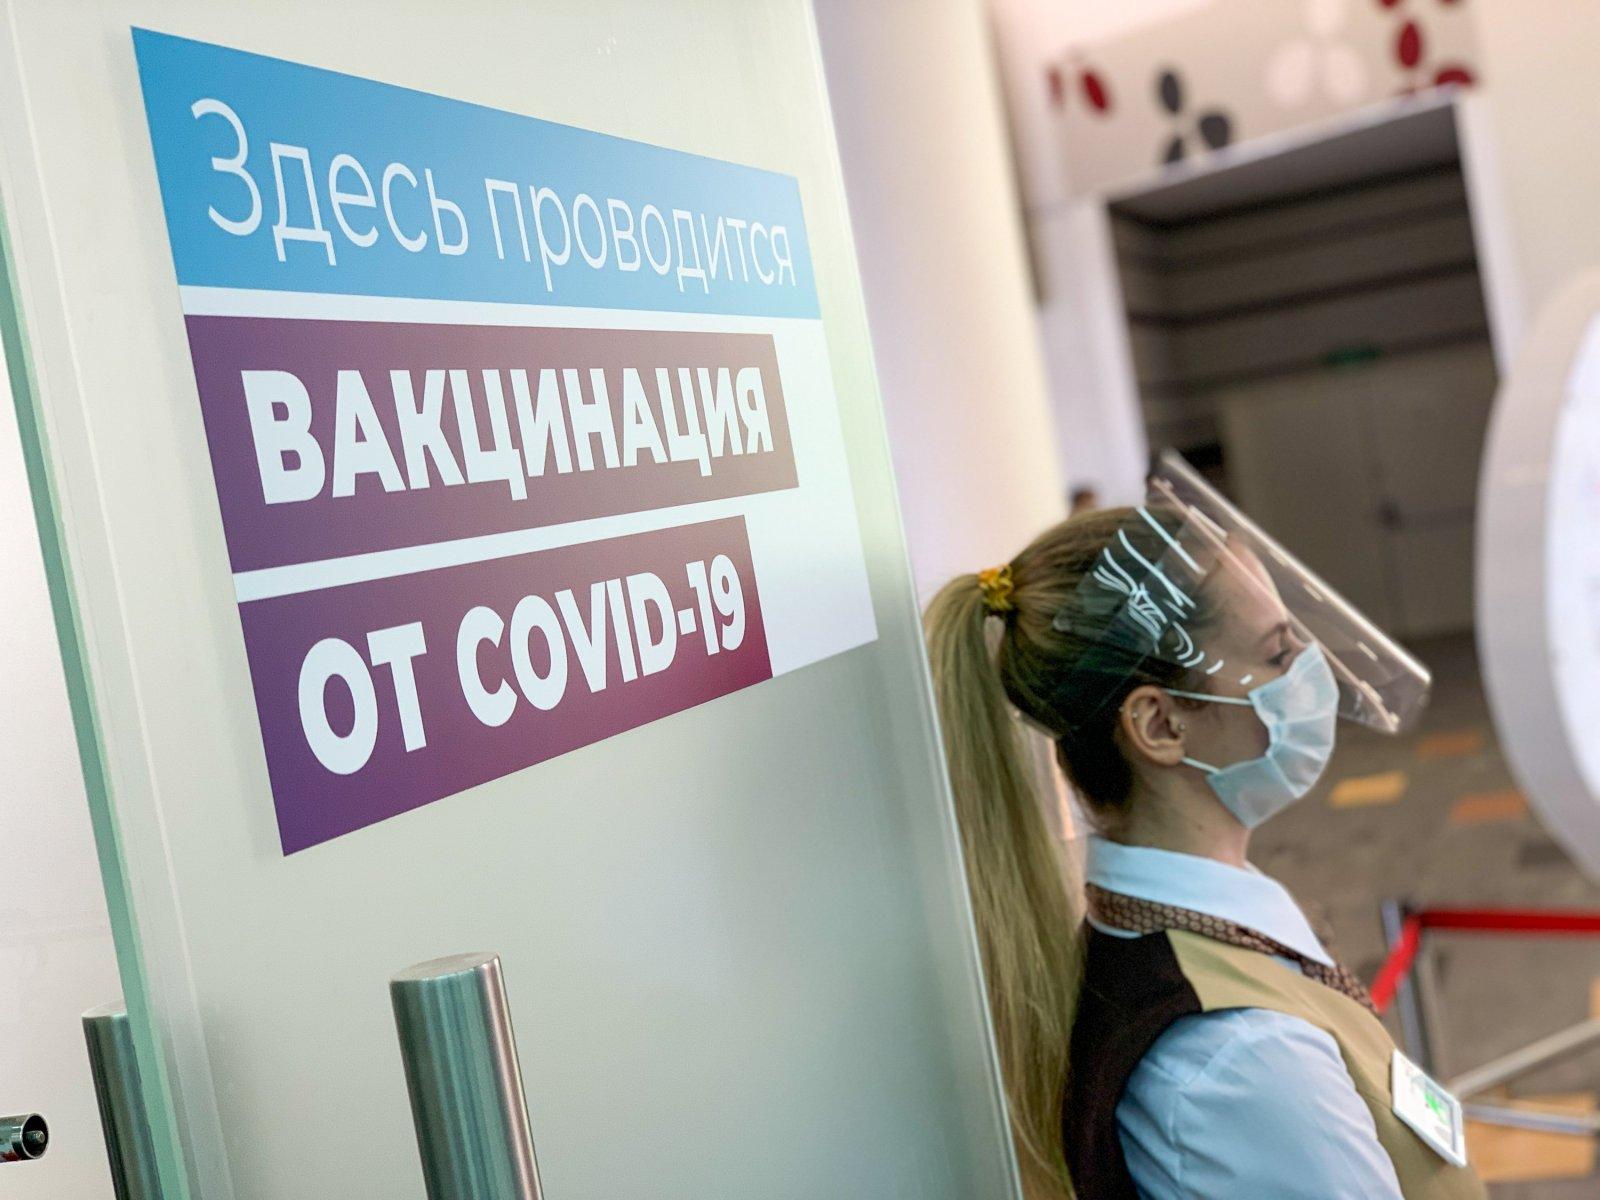 Прививать от коронавируса начали еще в двух торговых центрах Москвы